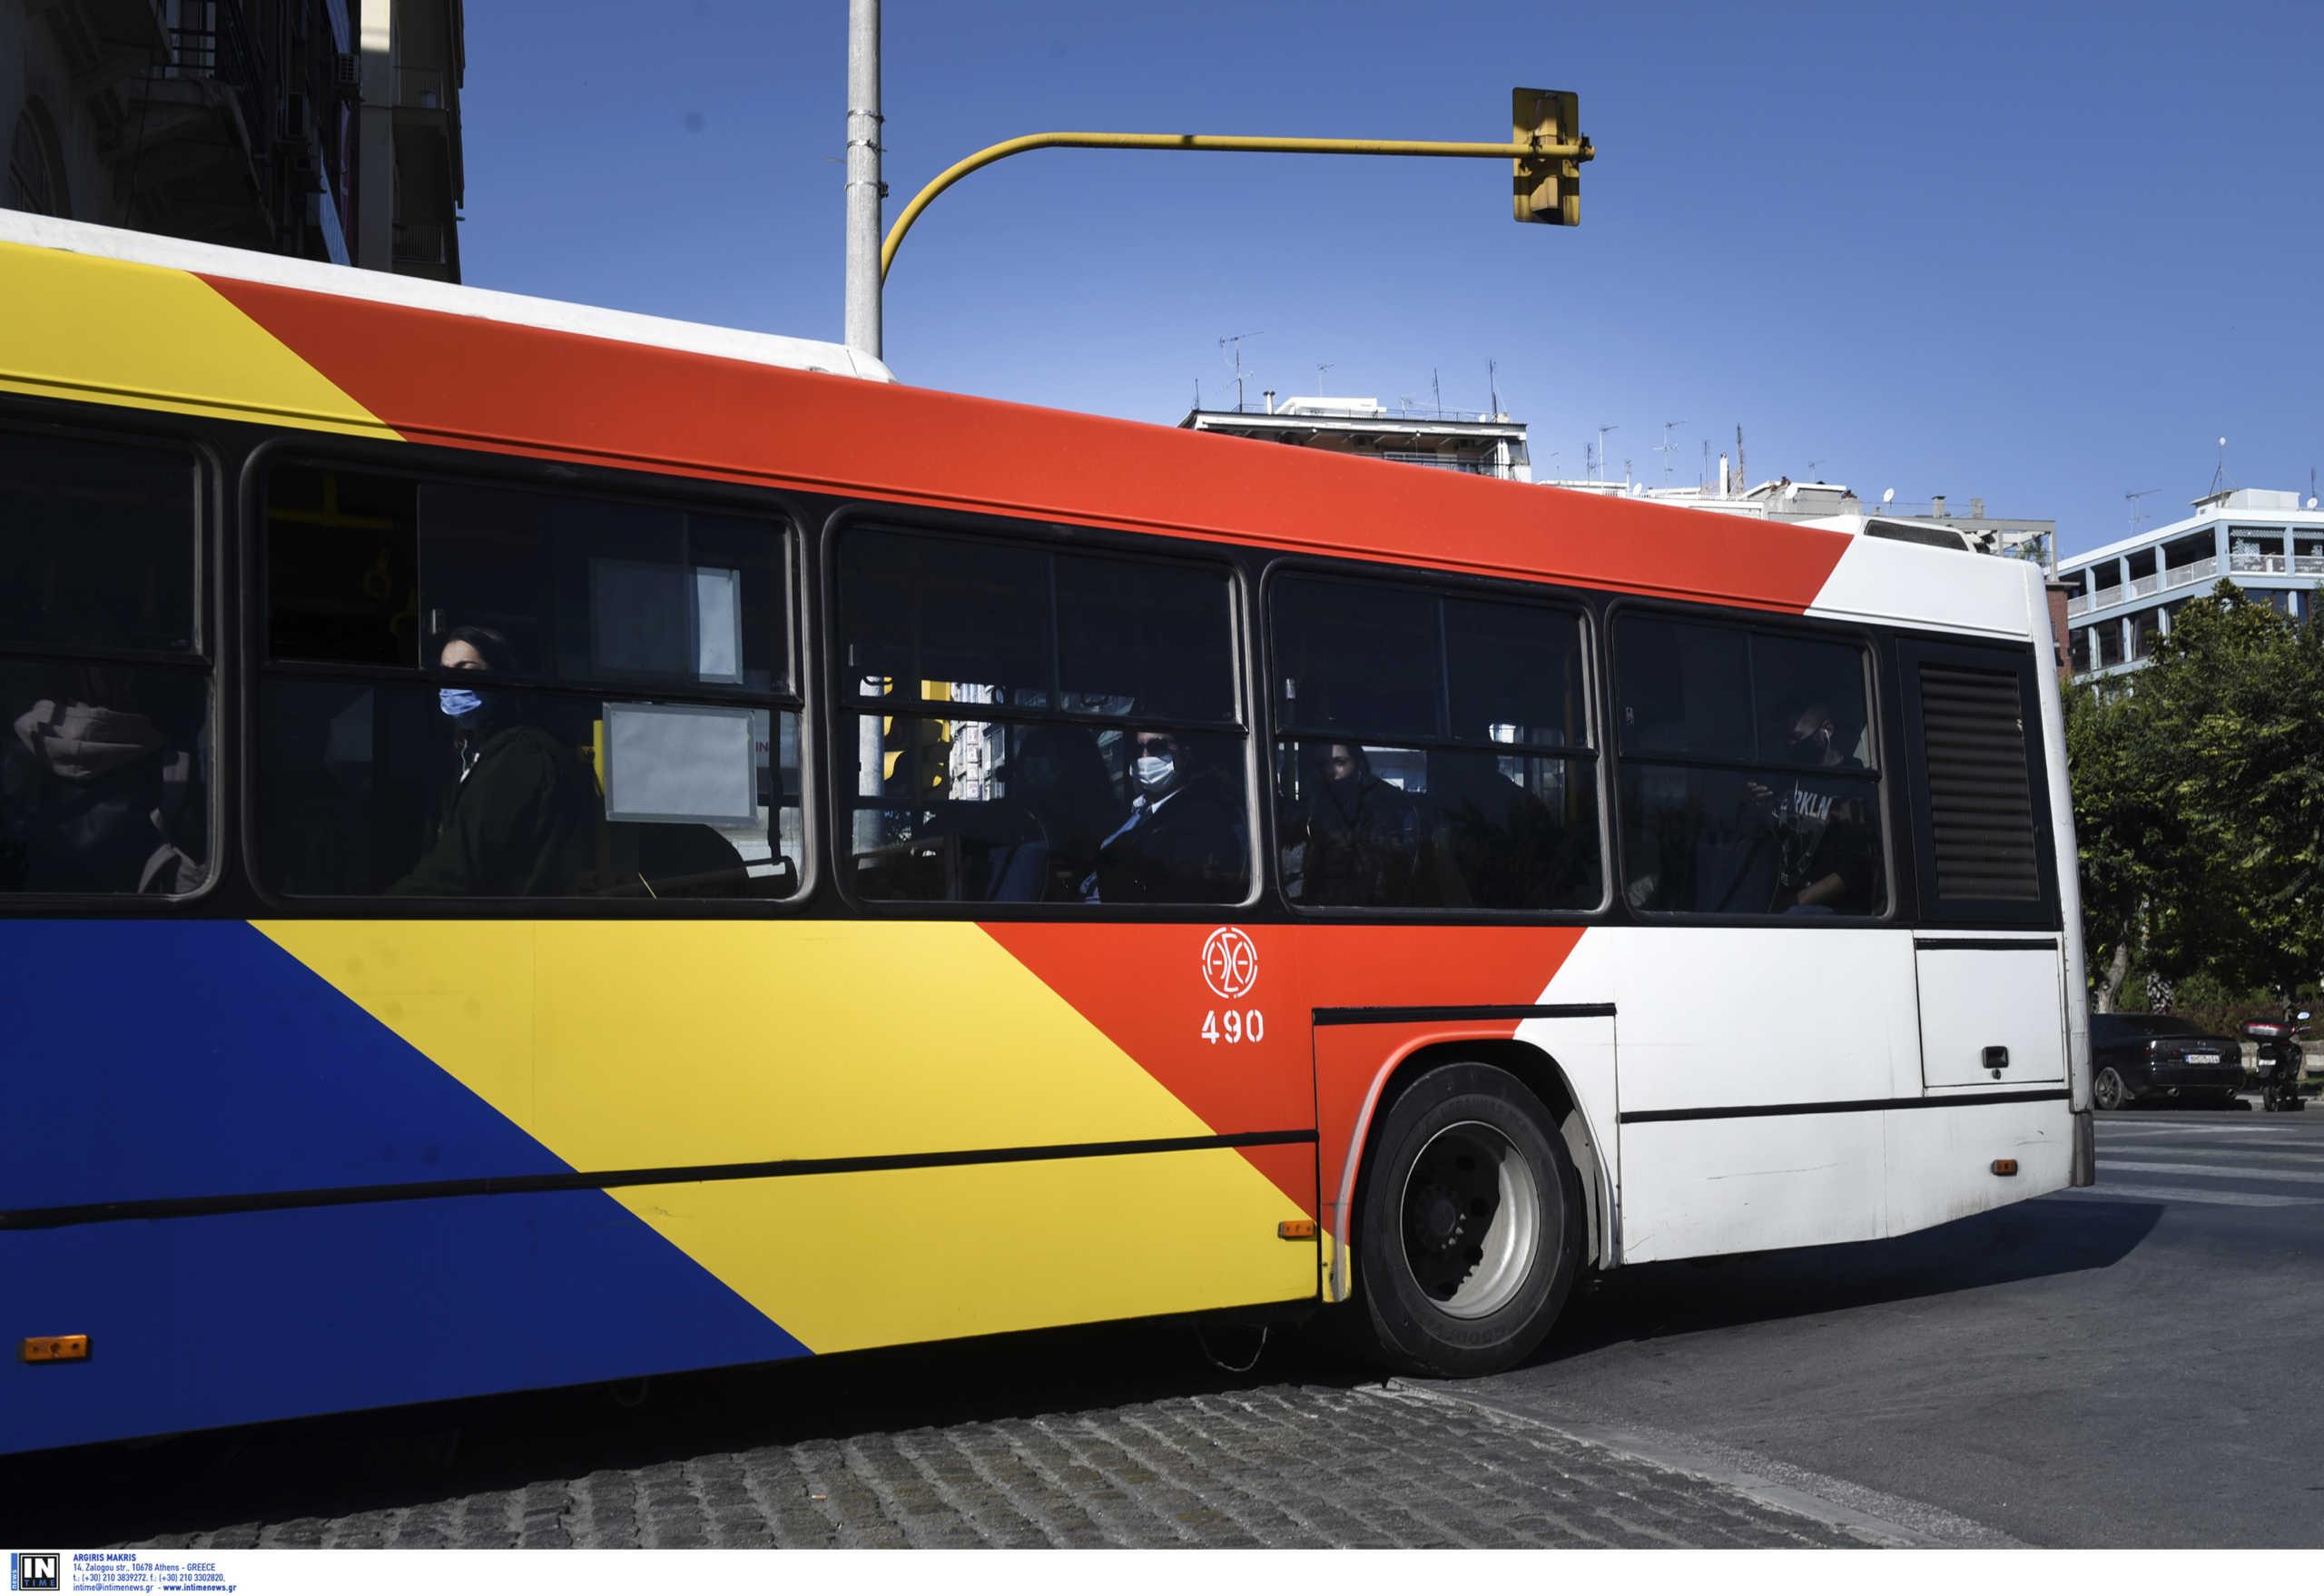 λεωφορείο ΟΑΣΘ Θεσσαλονίκης